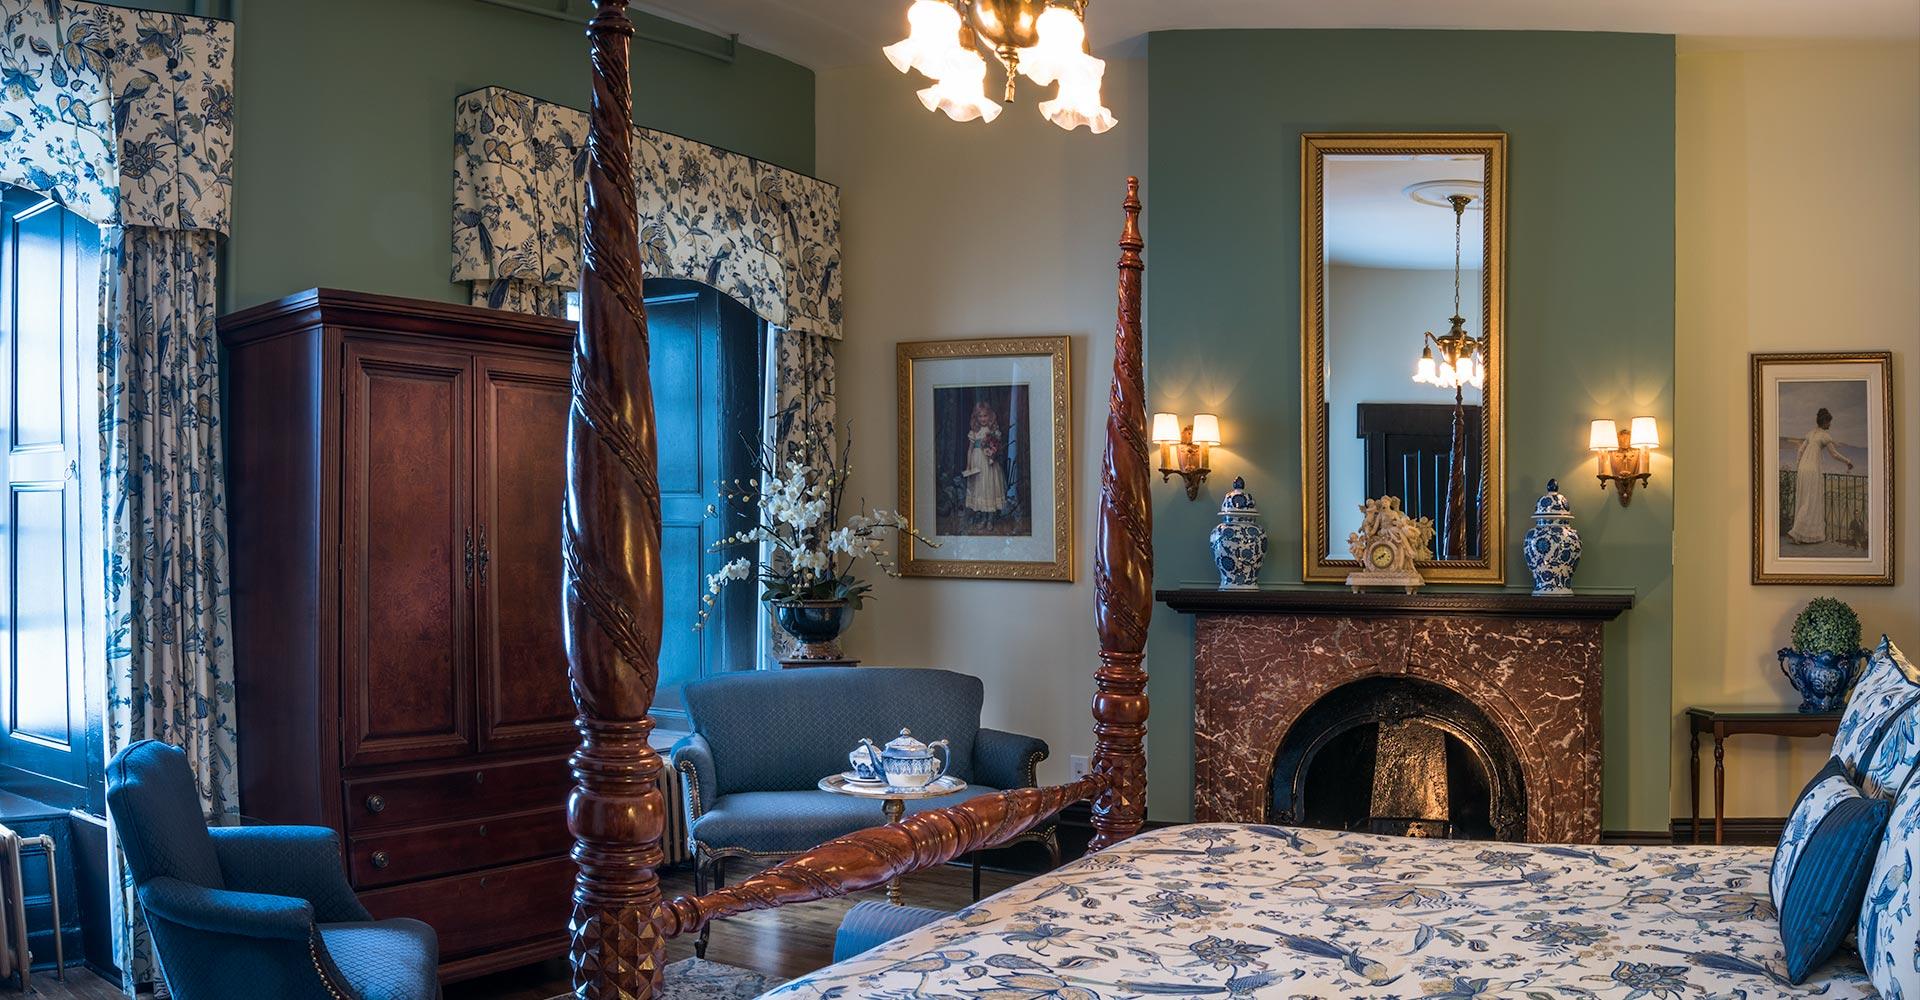 romantic-hotel-room-chambre-hotel-romantique-2